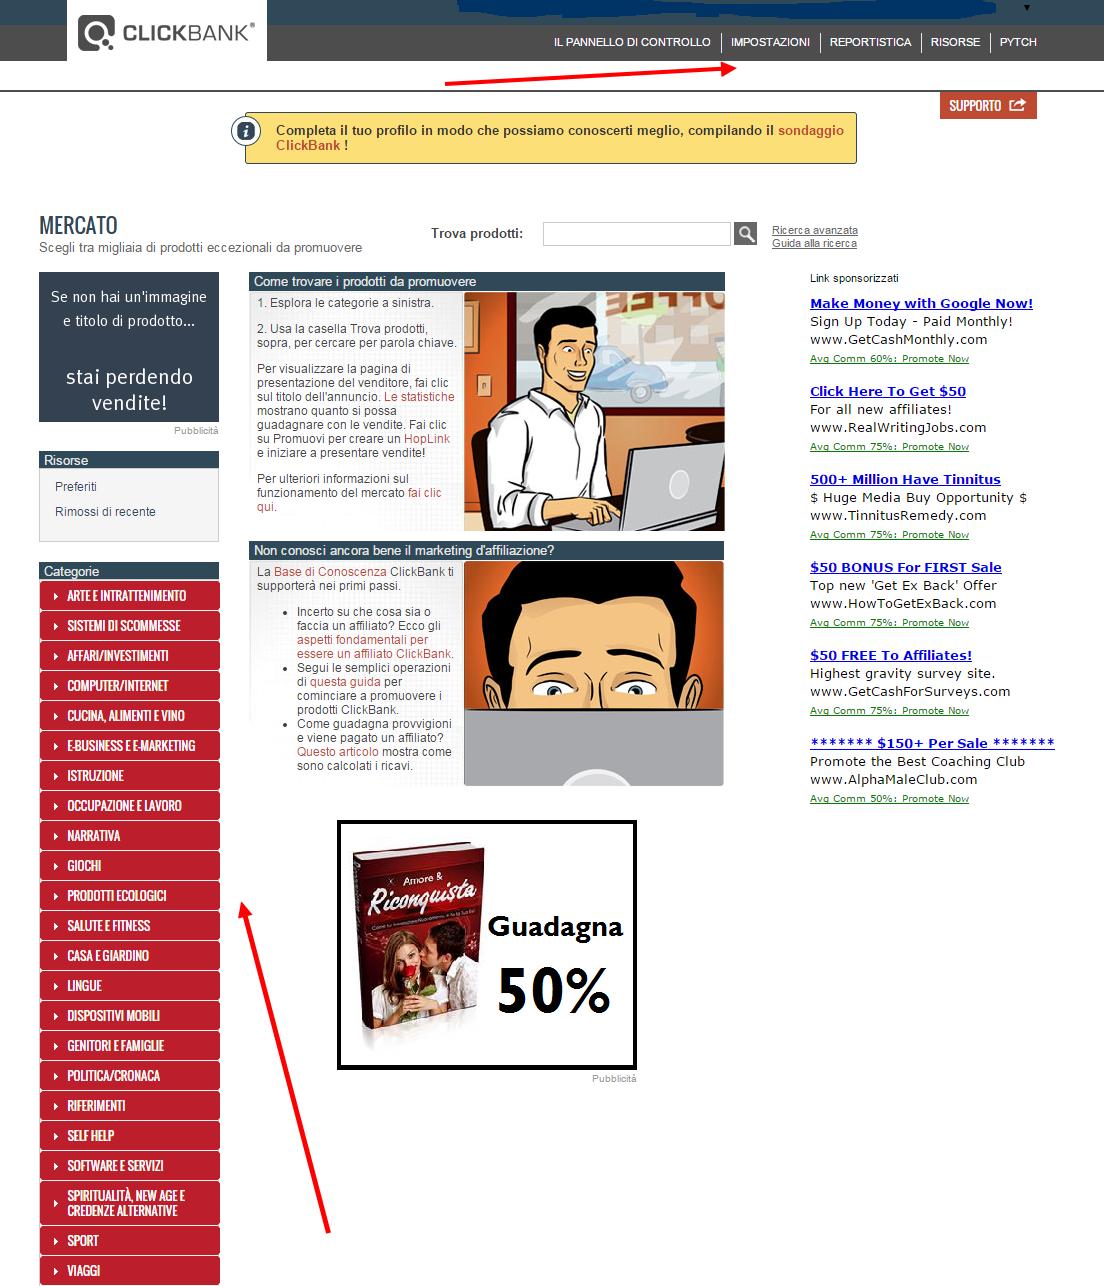 Programma di affiliazione con Clickbank